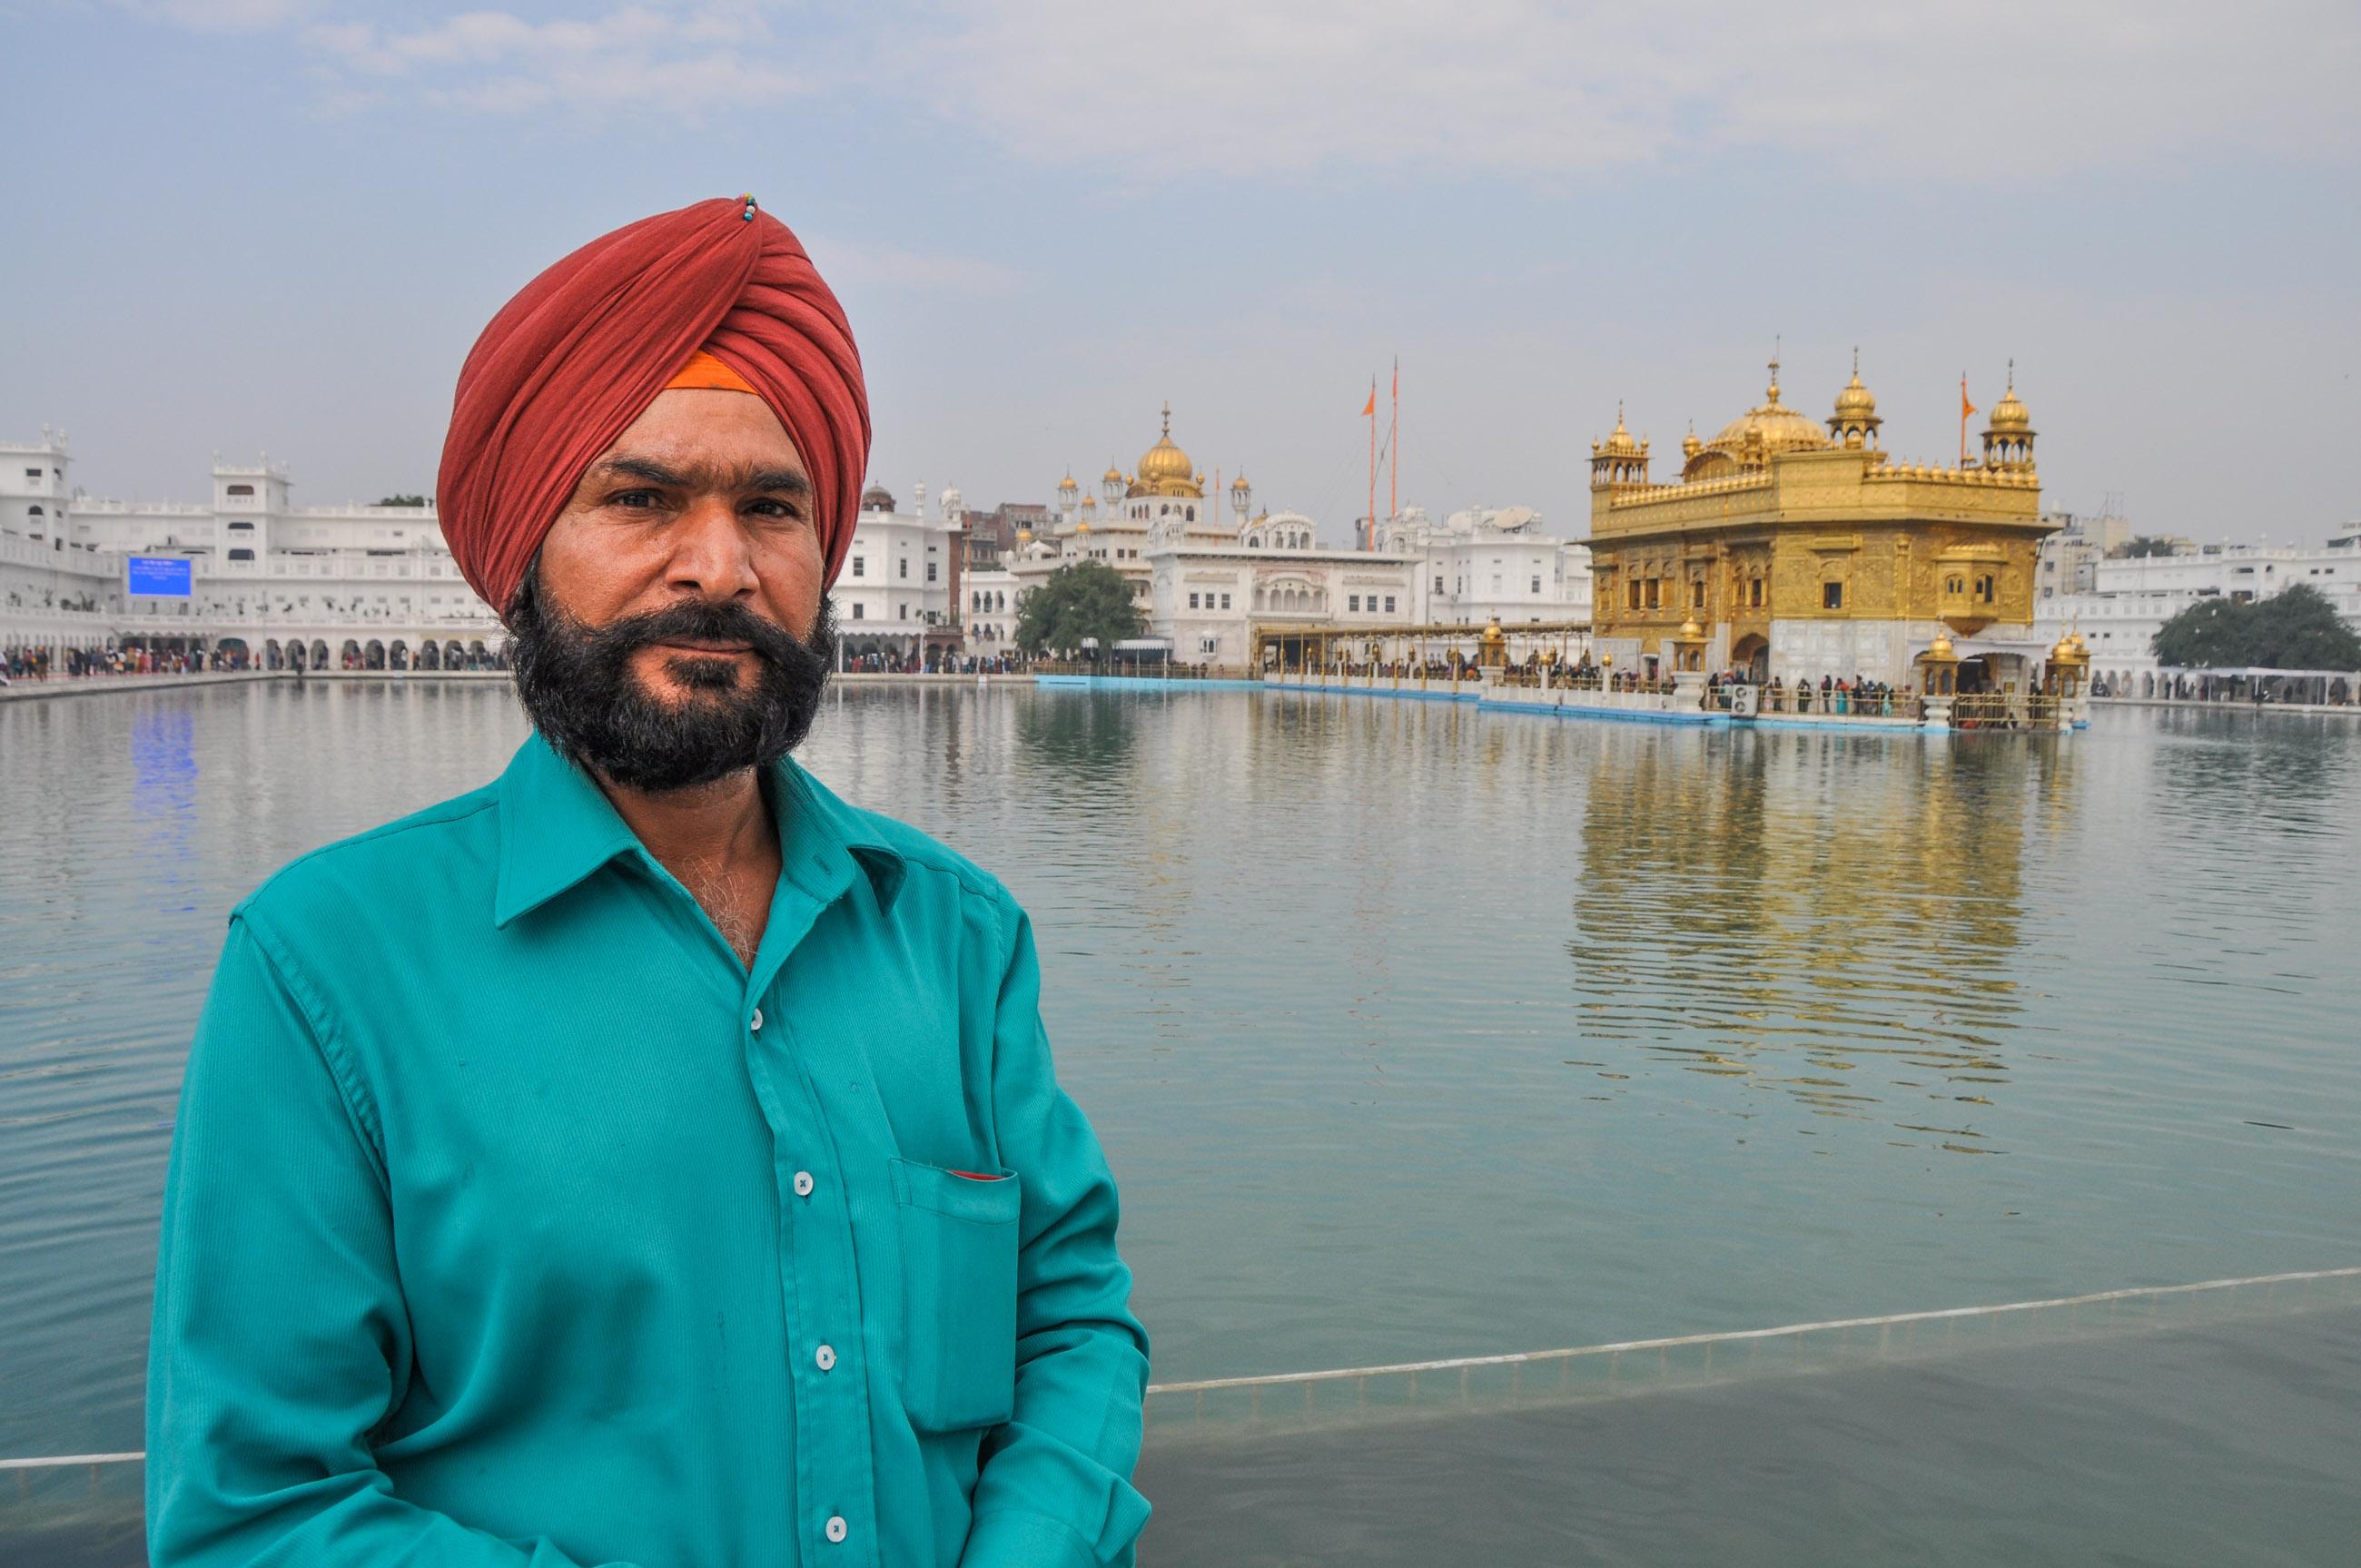 https://bubo.sk/uploads/galleries/4920/tomas_kubus_india_amritsar_dsc_0115.jpg